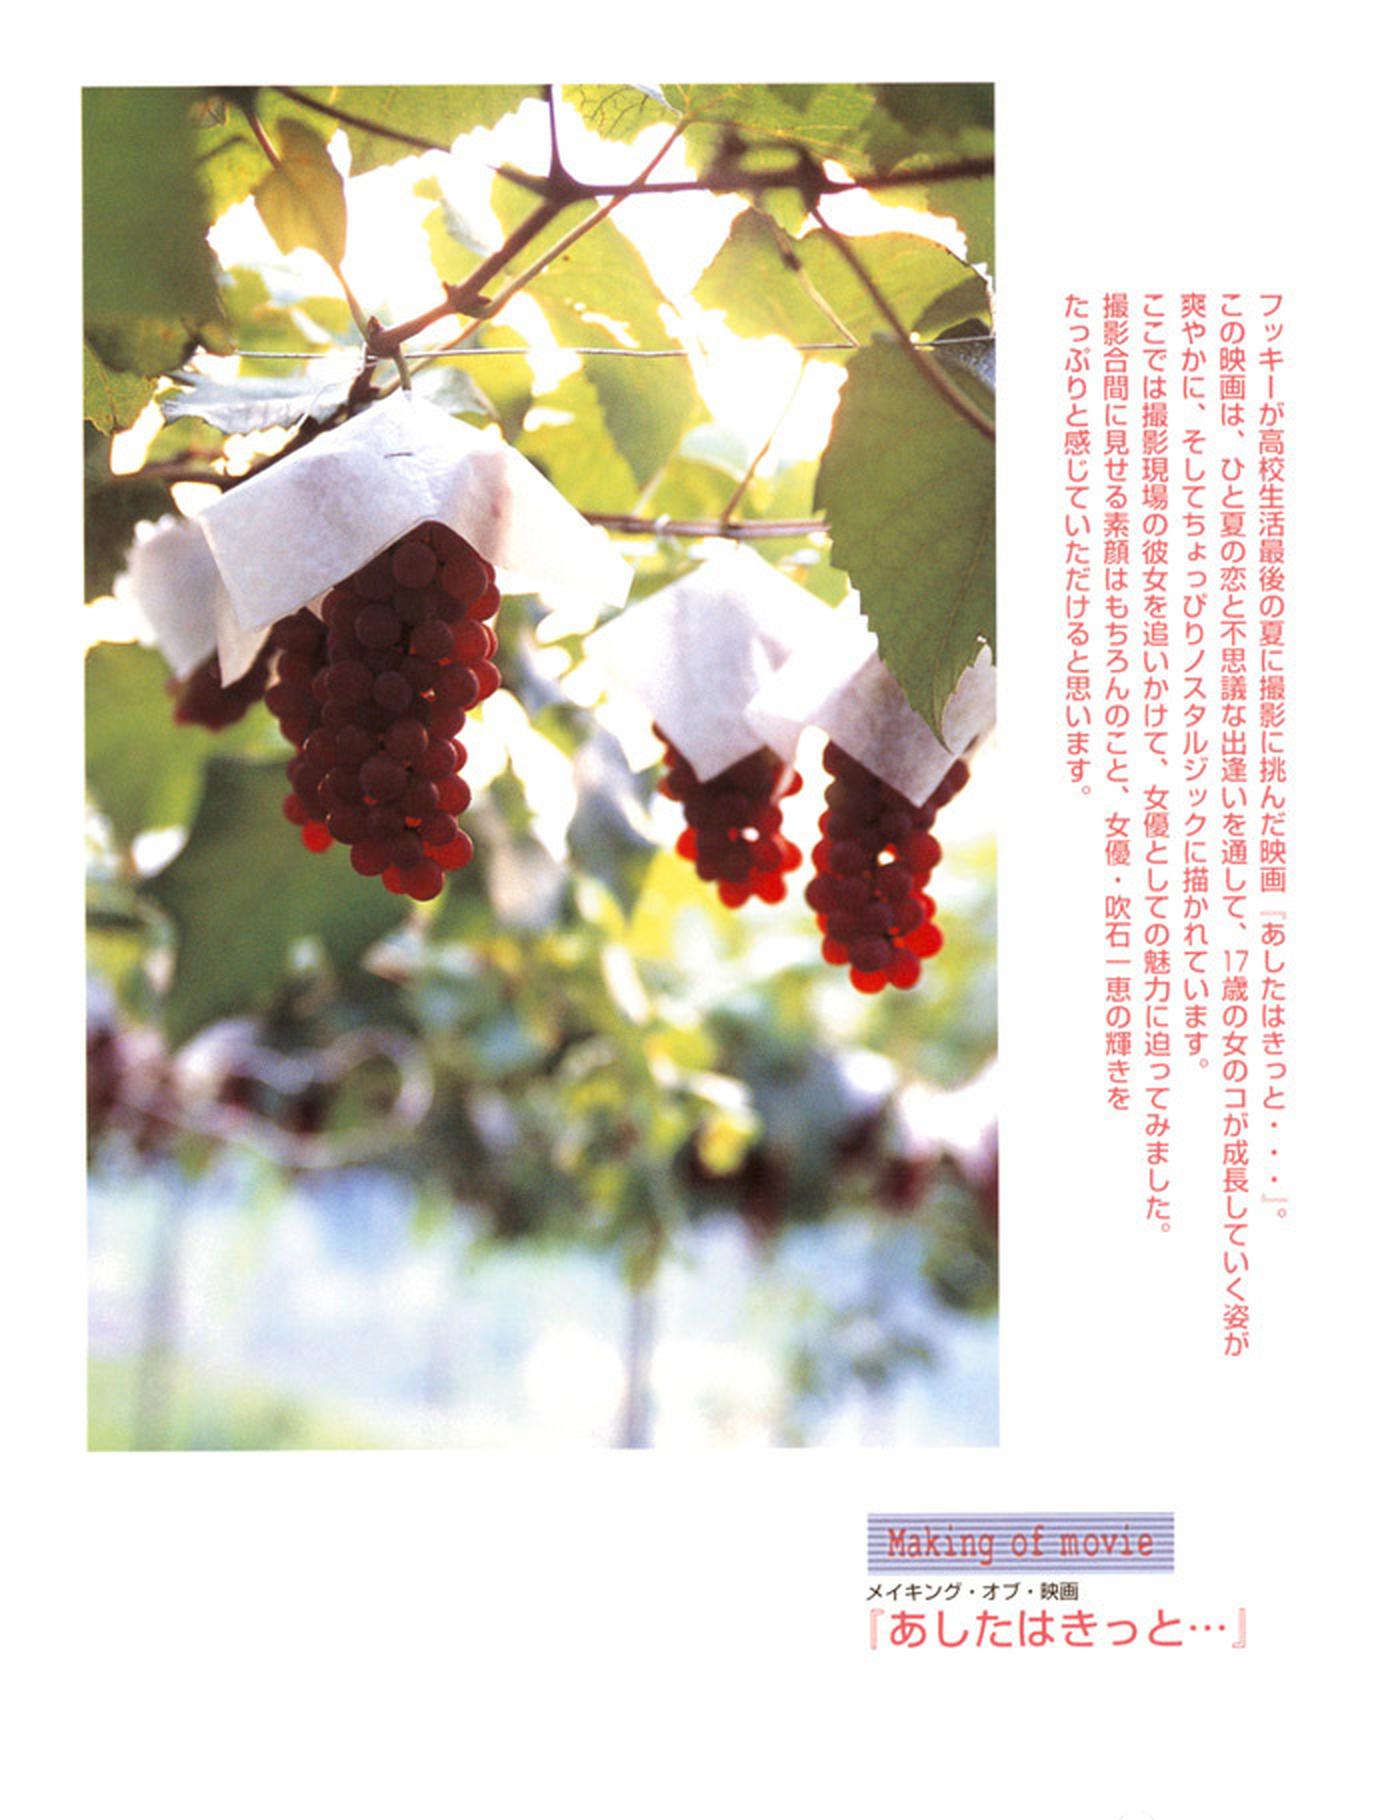 被锁在保险柜里的日本艺人吹石一惠的写真作品 (31)